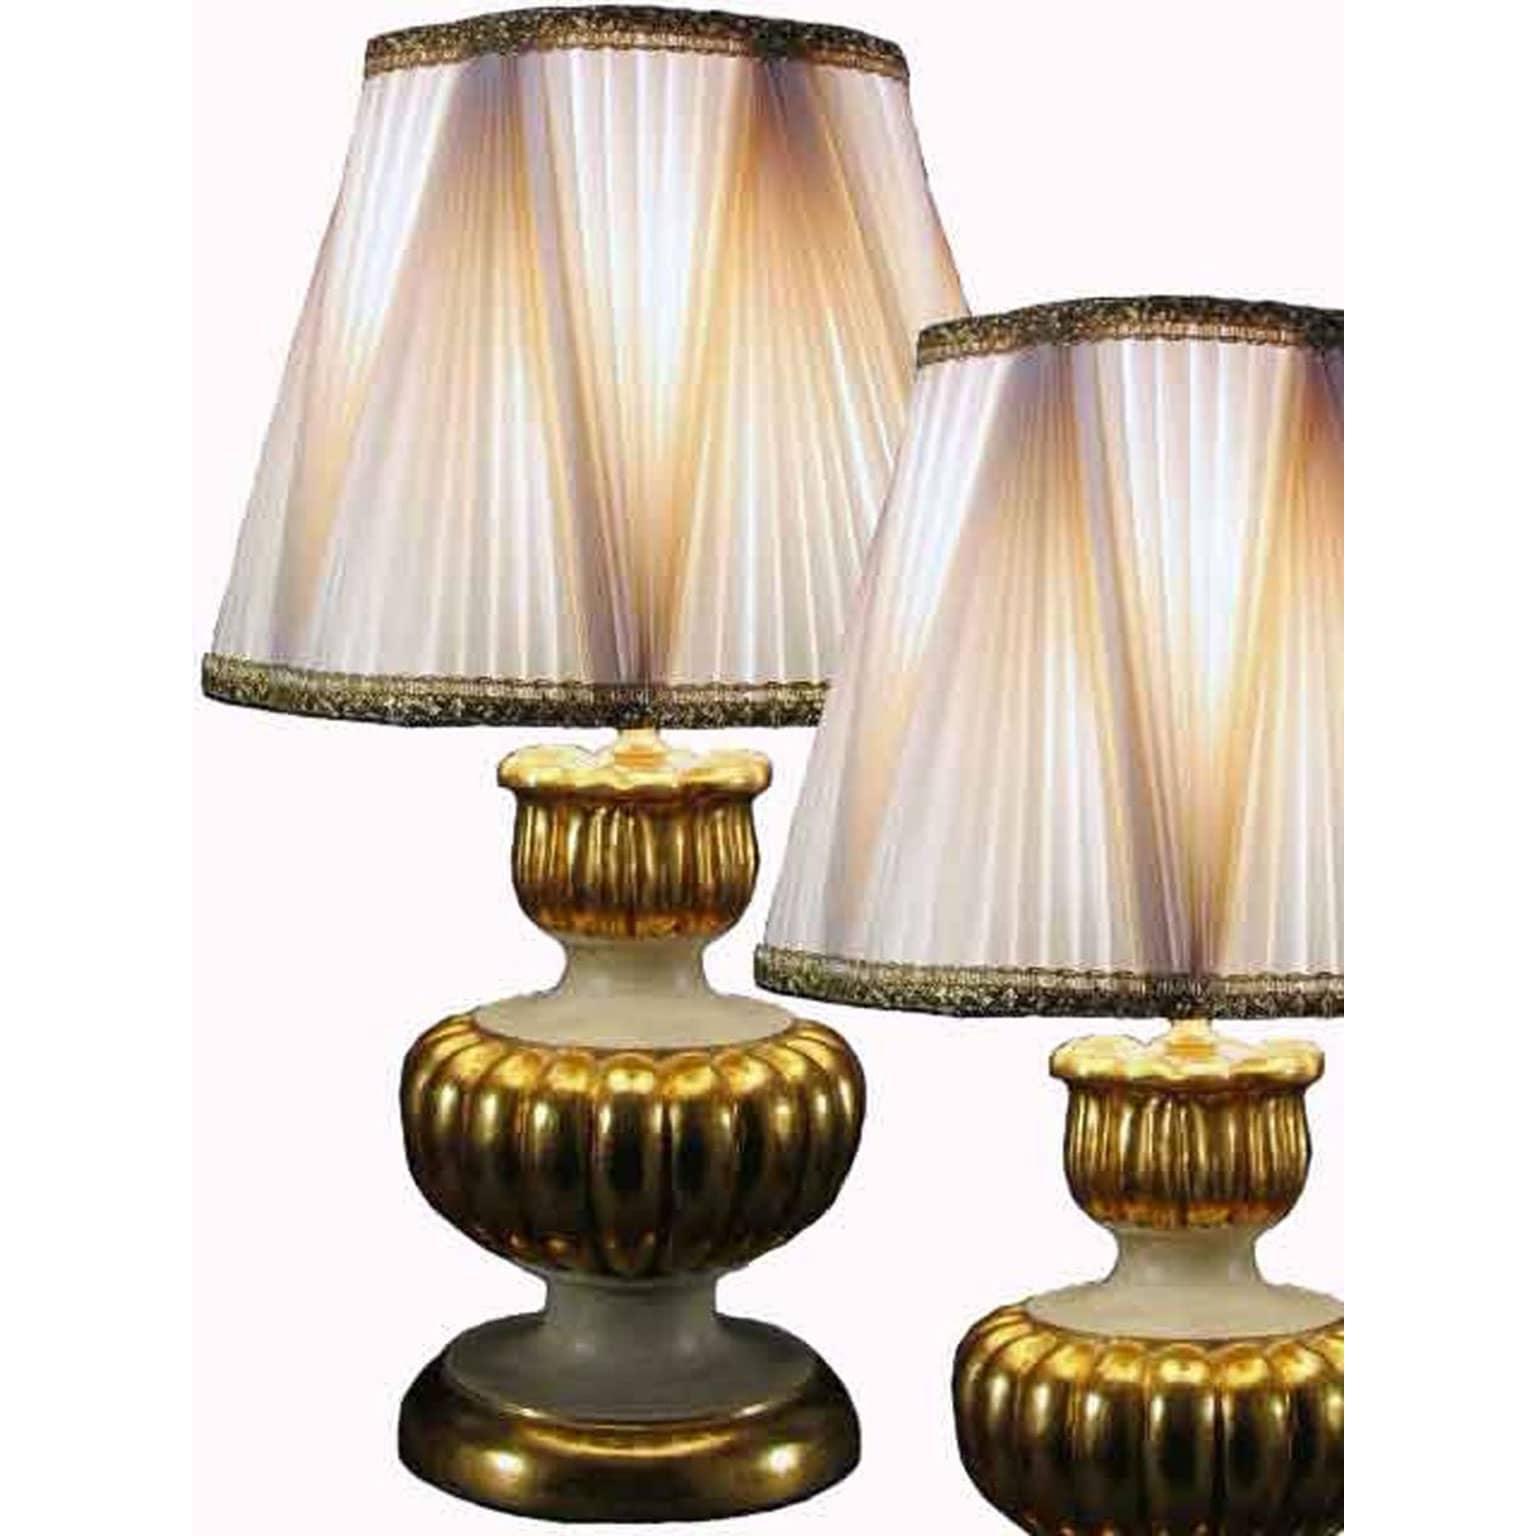 Coppia lampade dorate da tavolo con paralumi plissettati